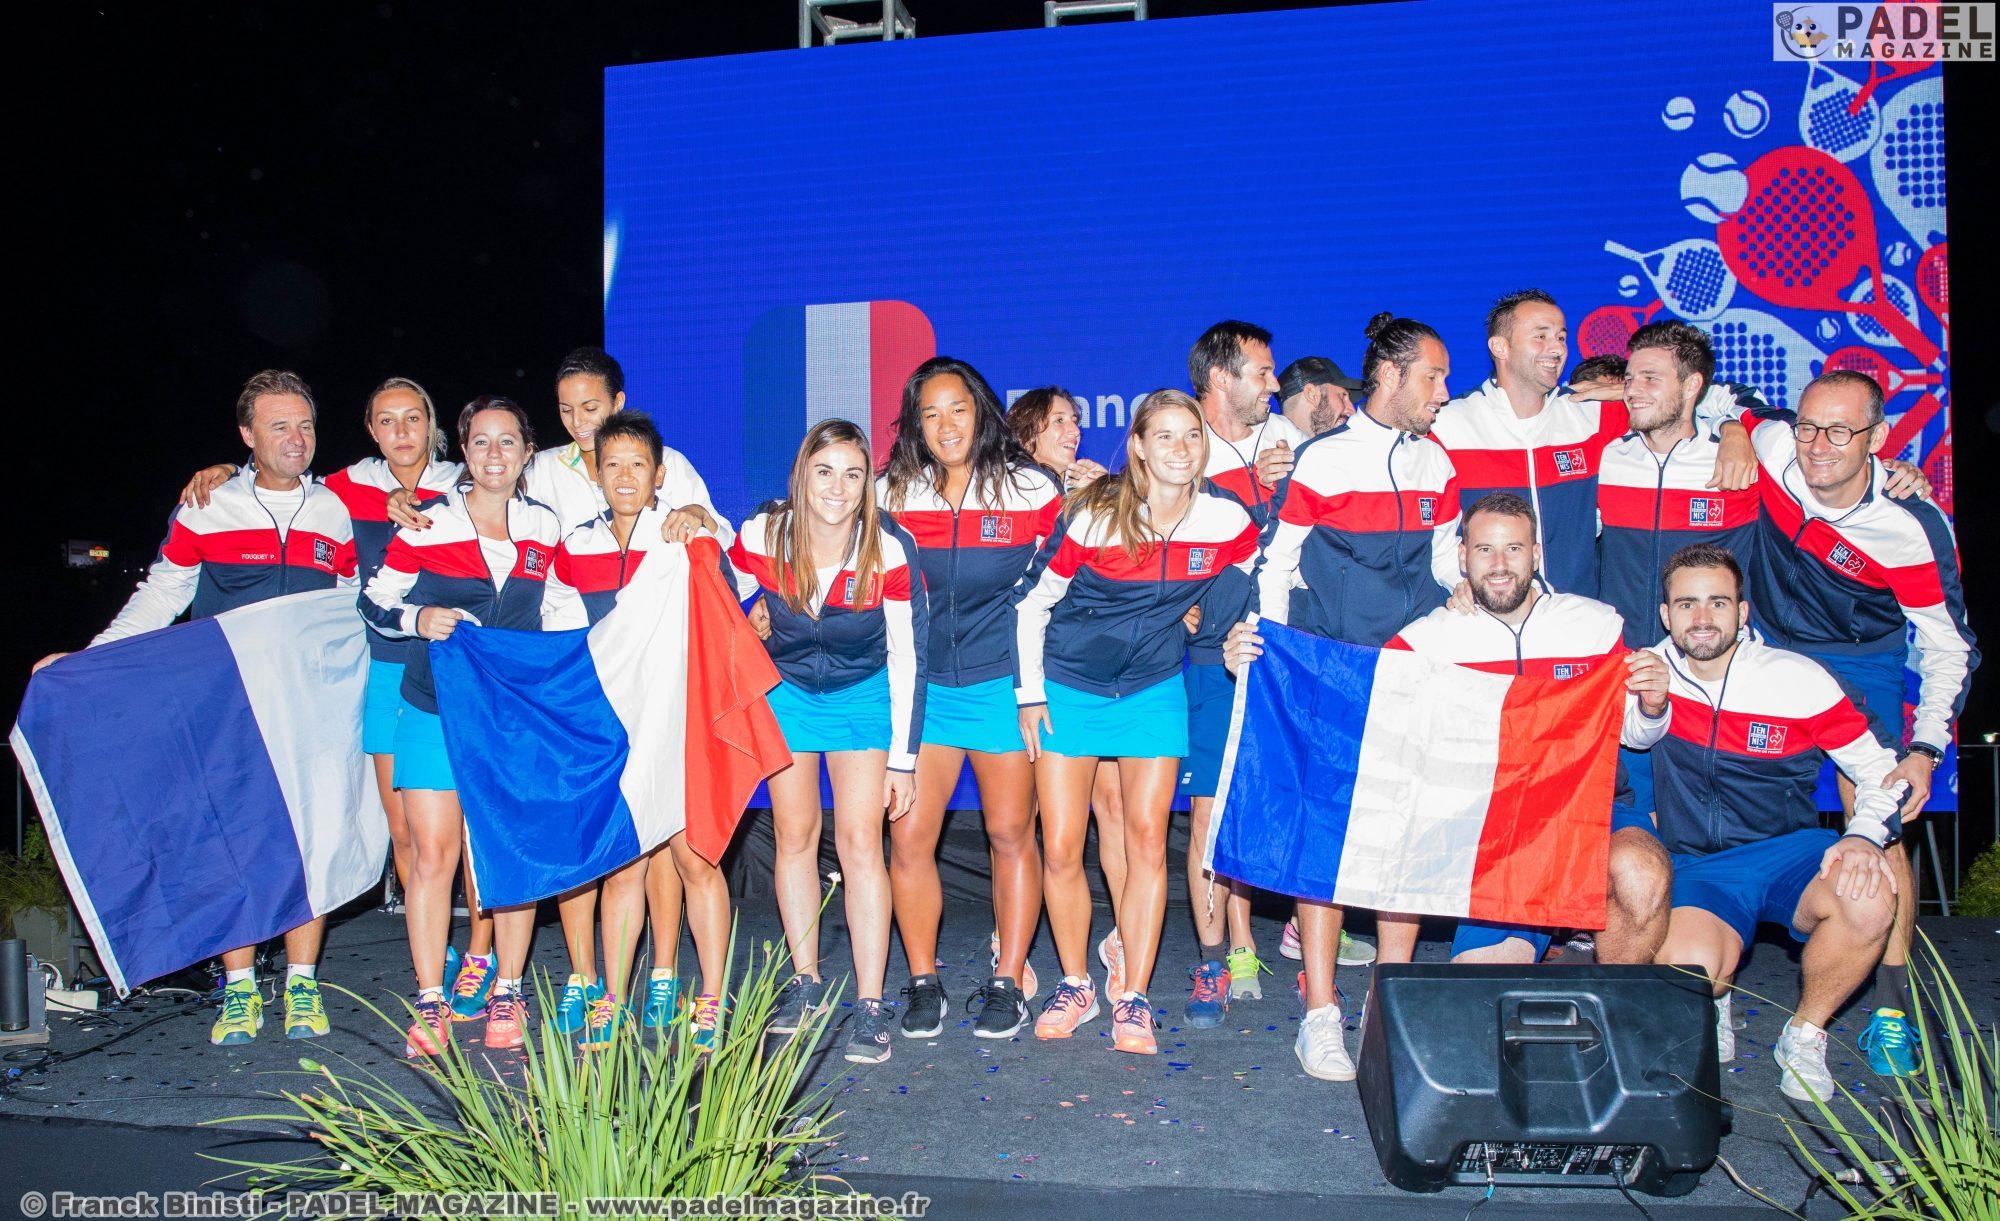 Résumé sur les résultats de la Team France au mondial 2018